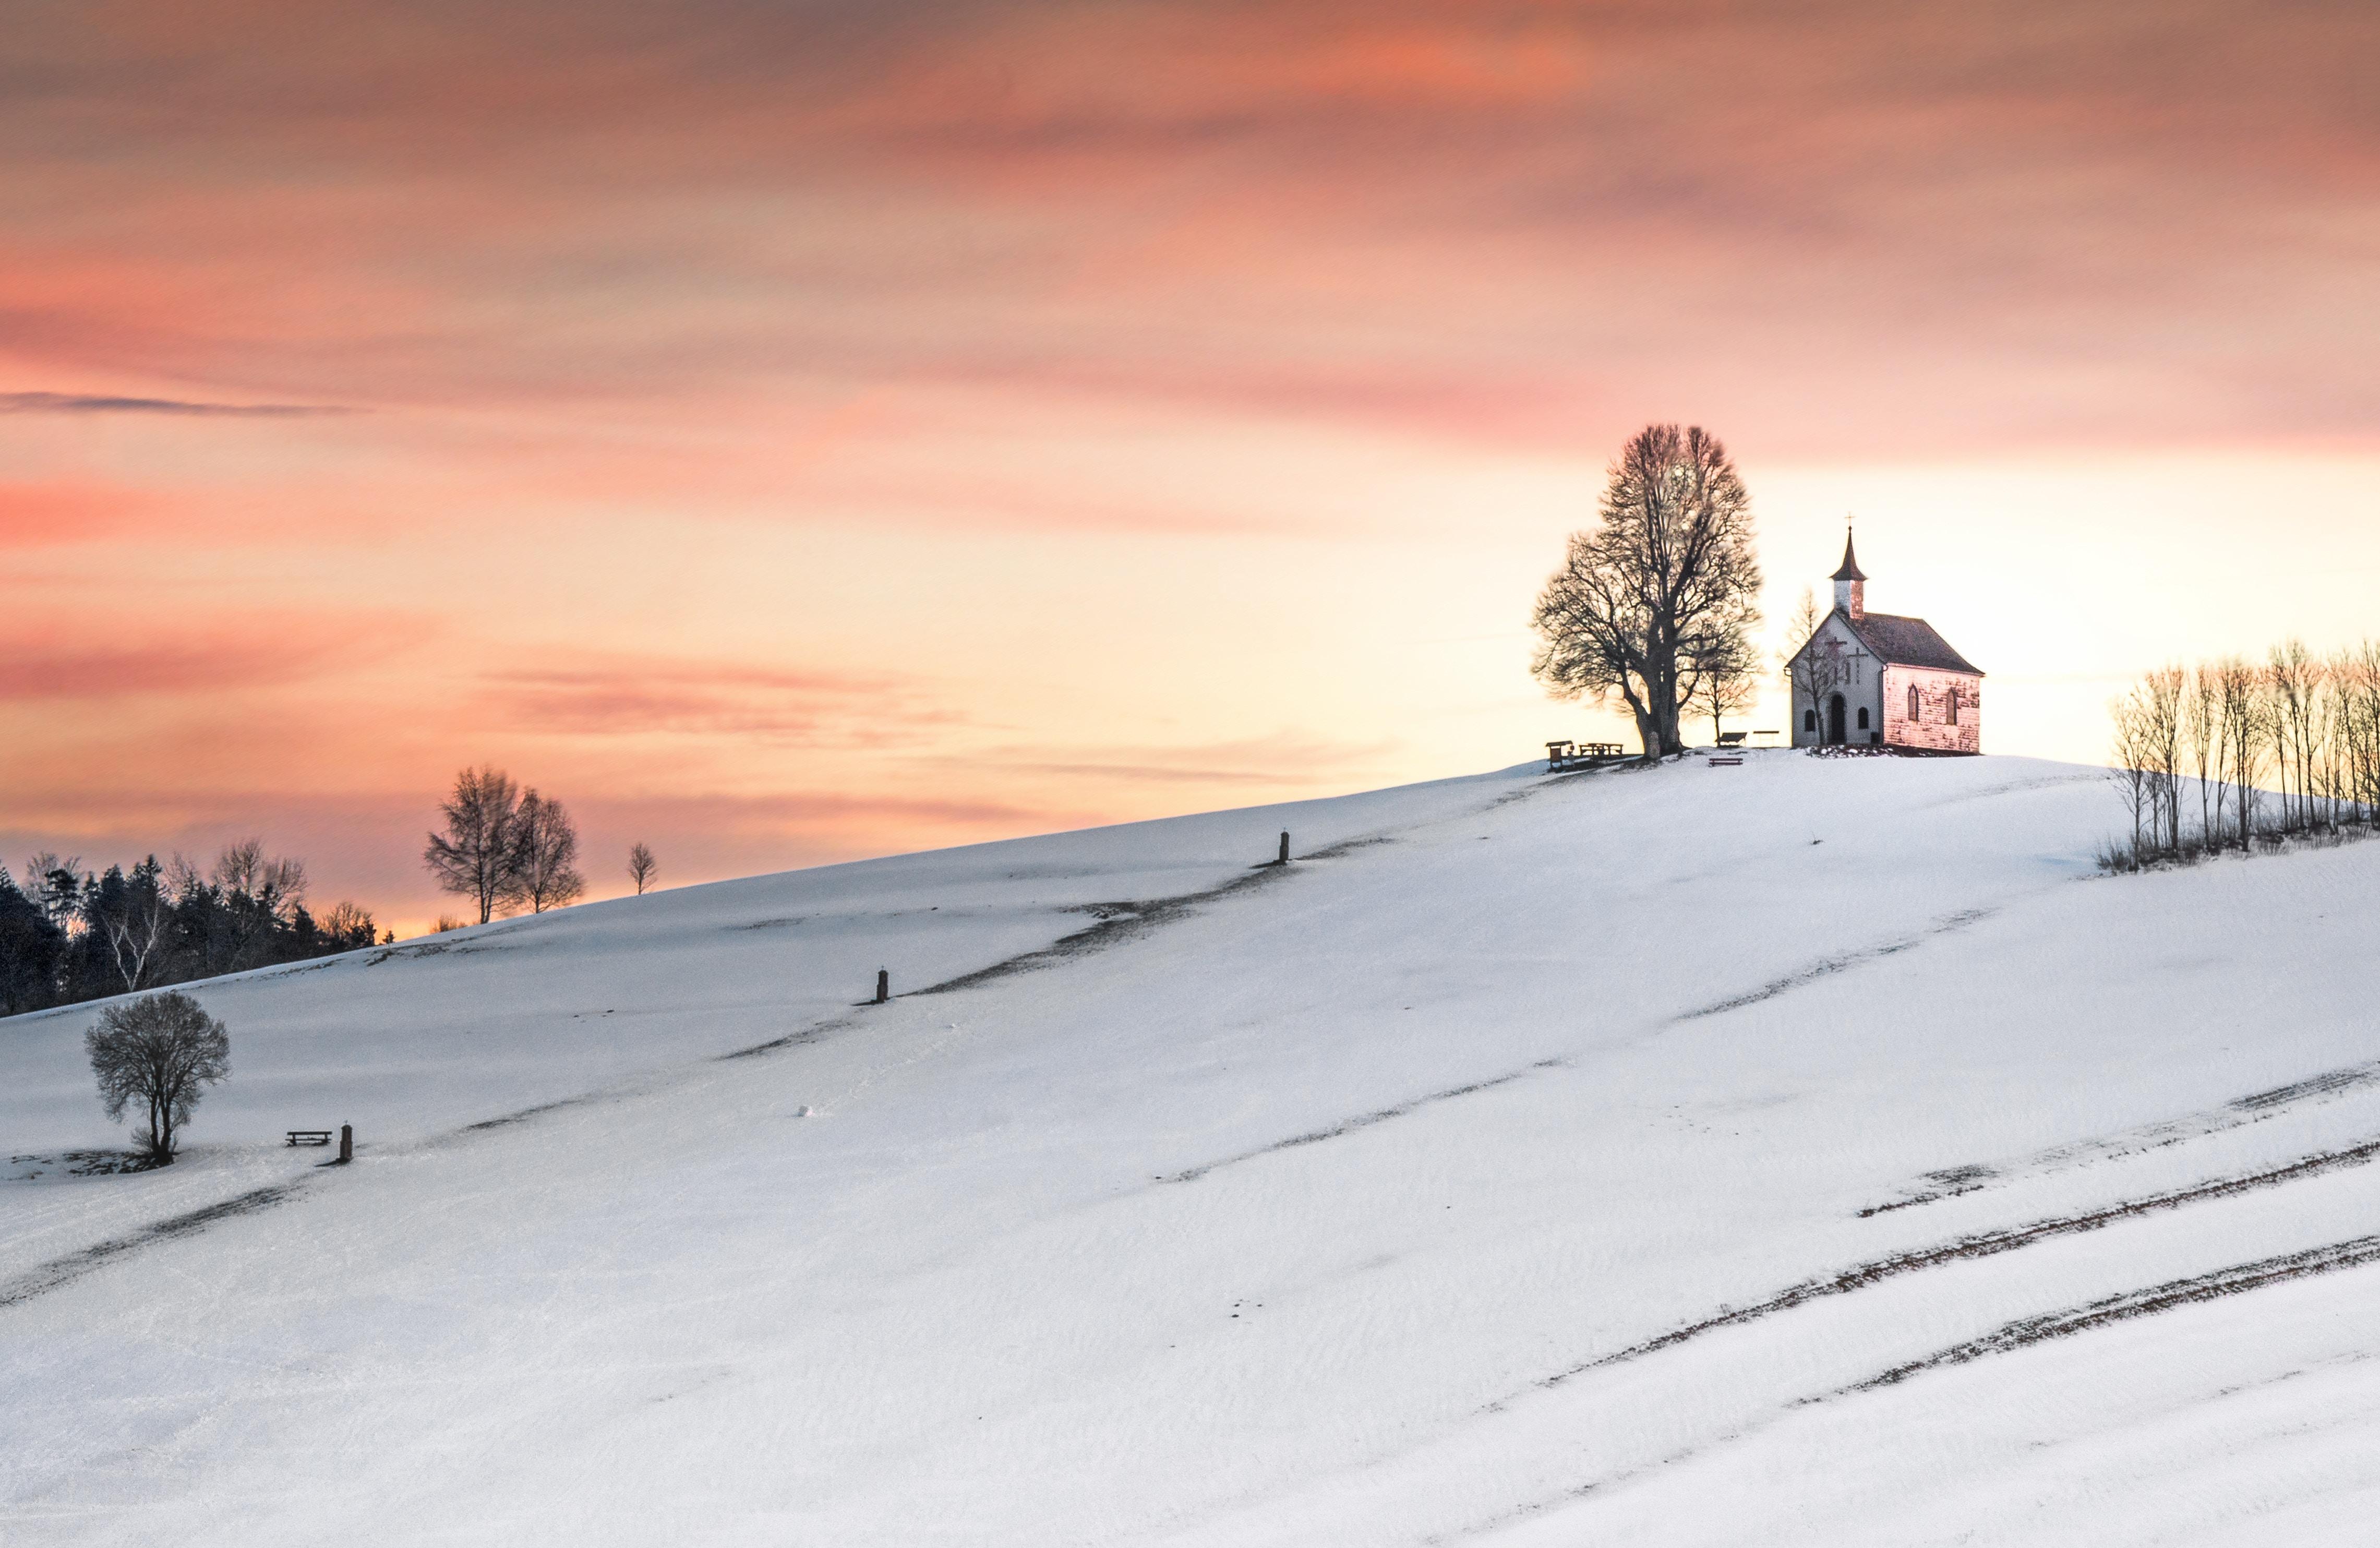 La iglesia tiene dos misiones: una estrecha y una amplia